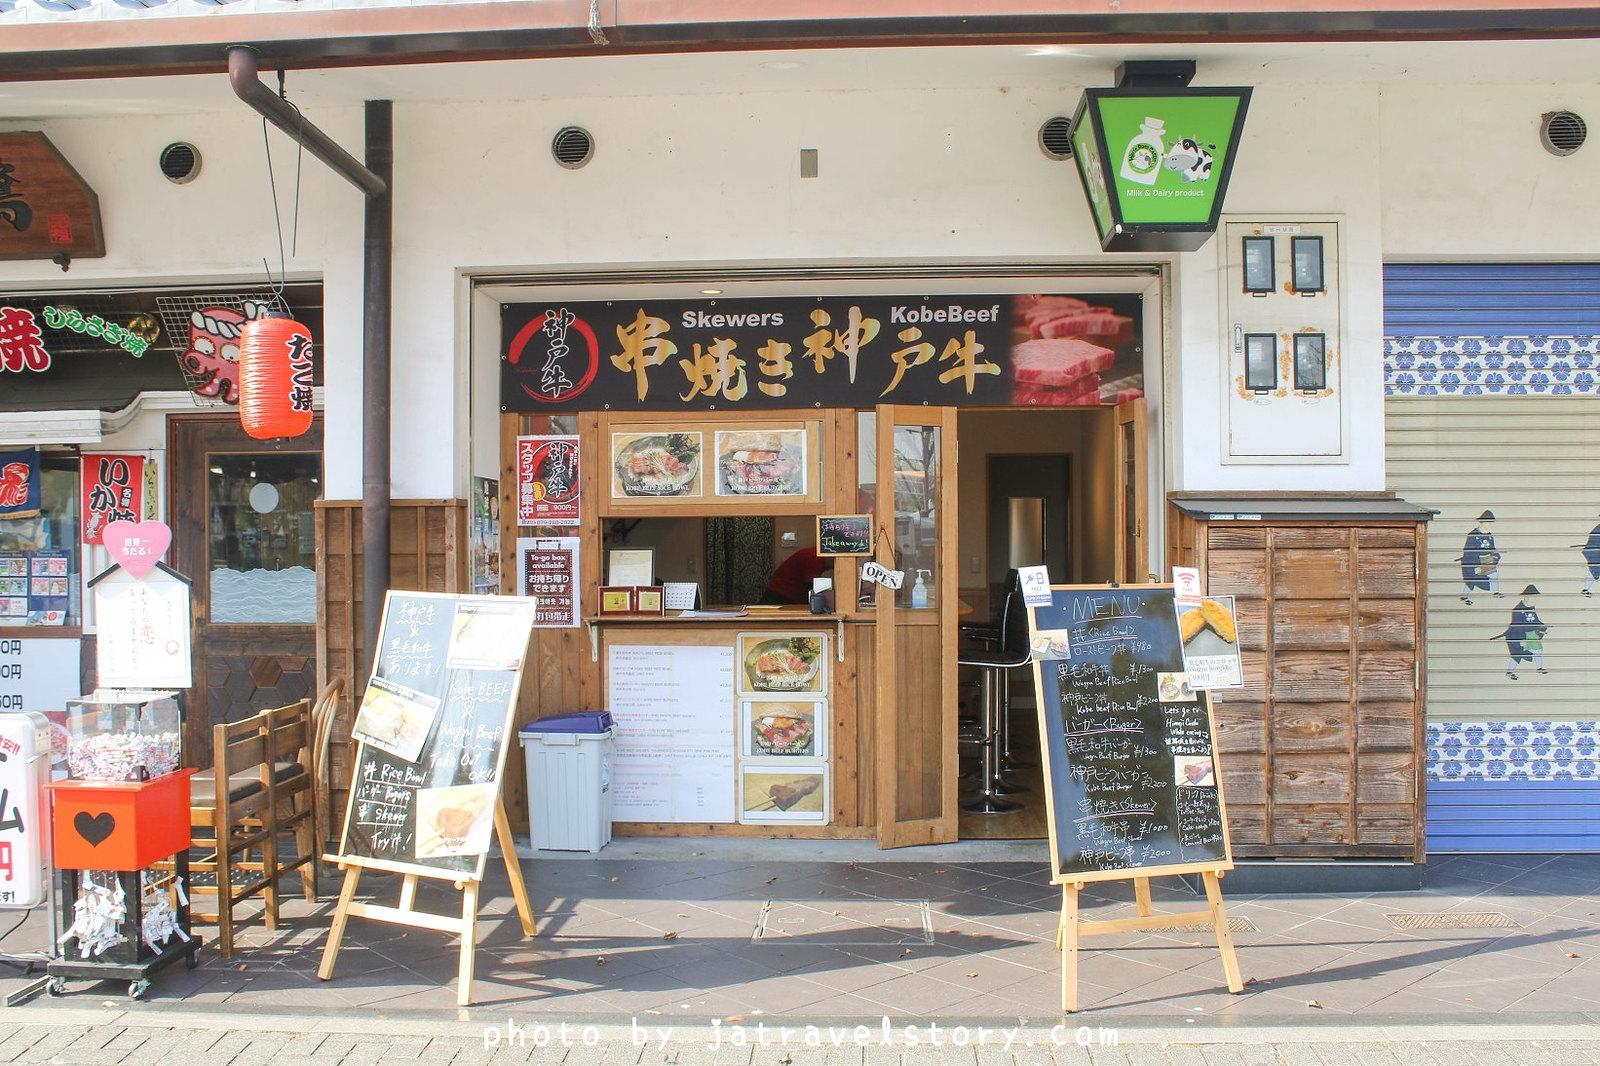 串焼き神戸牛 平價黑毛和牛丼、漢堡、串燒任你選,店內免費提供插座與wifi可以使用【姬路美食/姬路城美食】 @J&A的旅行